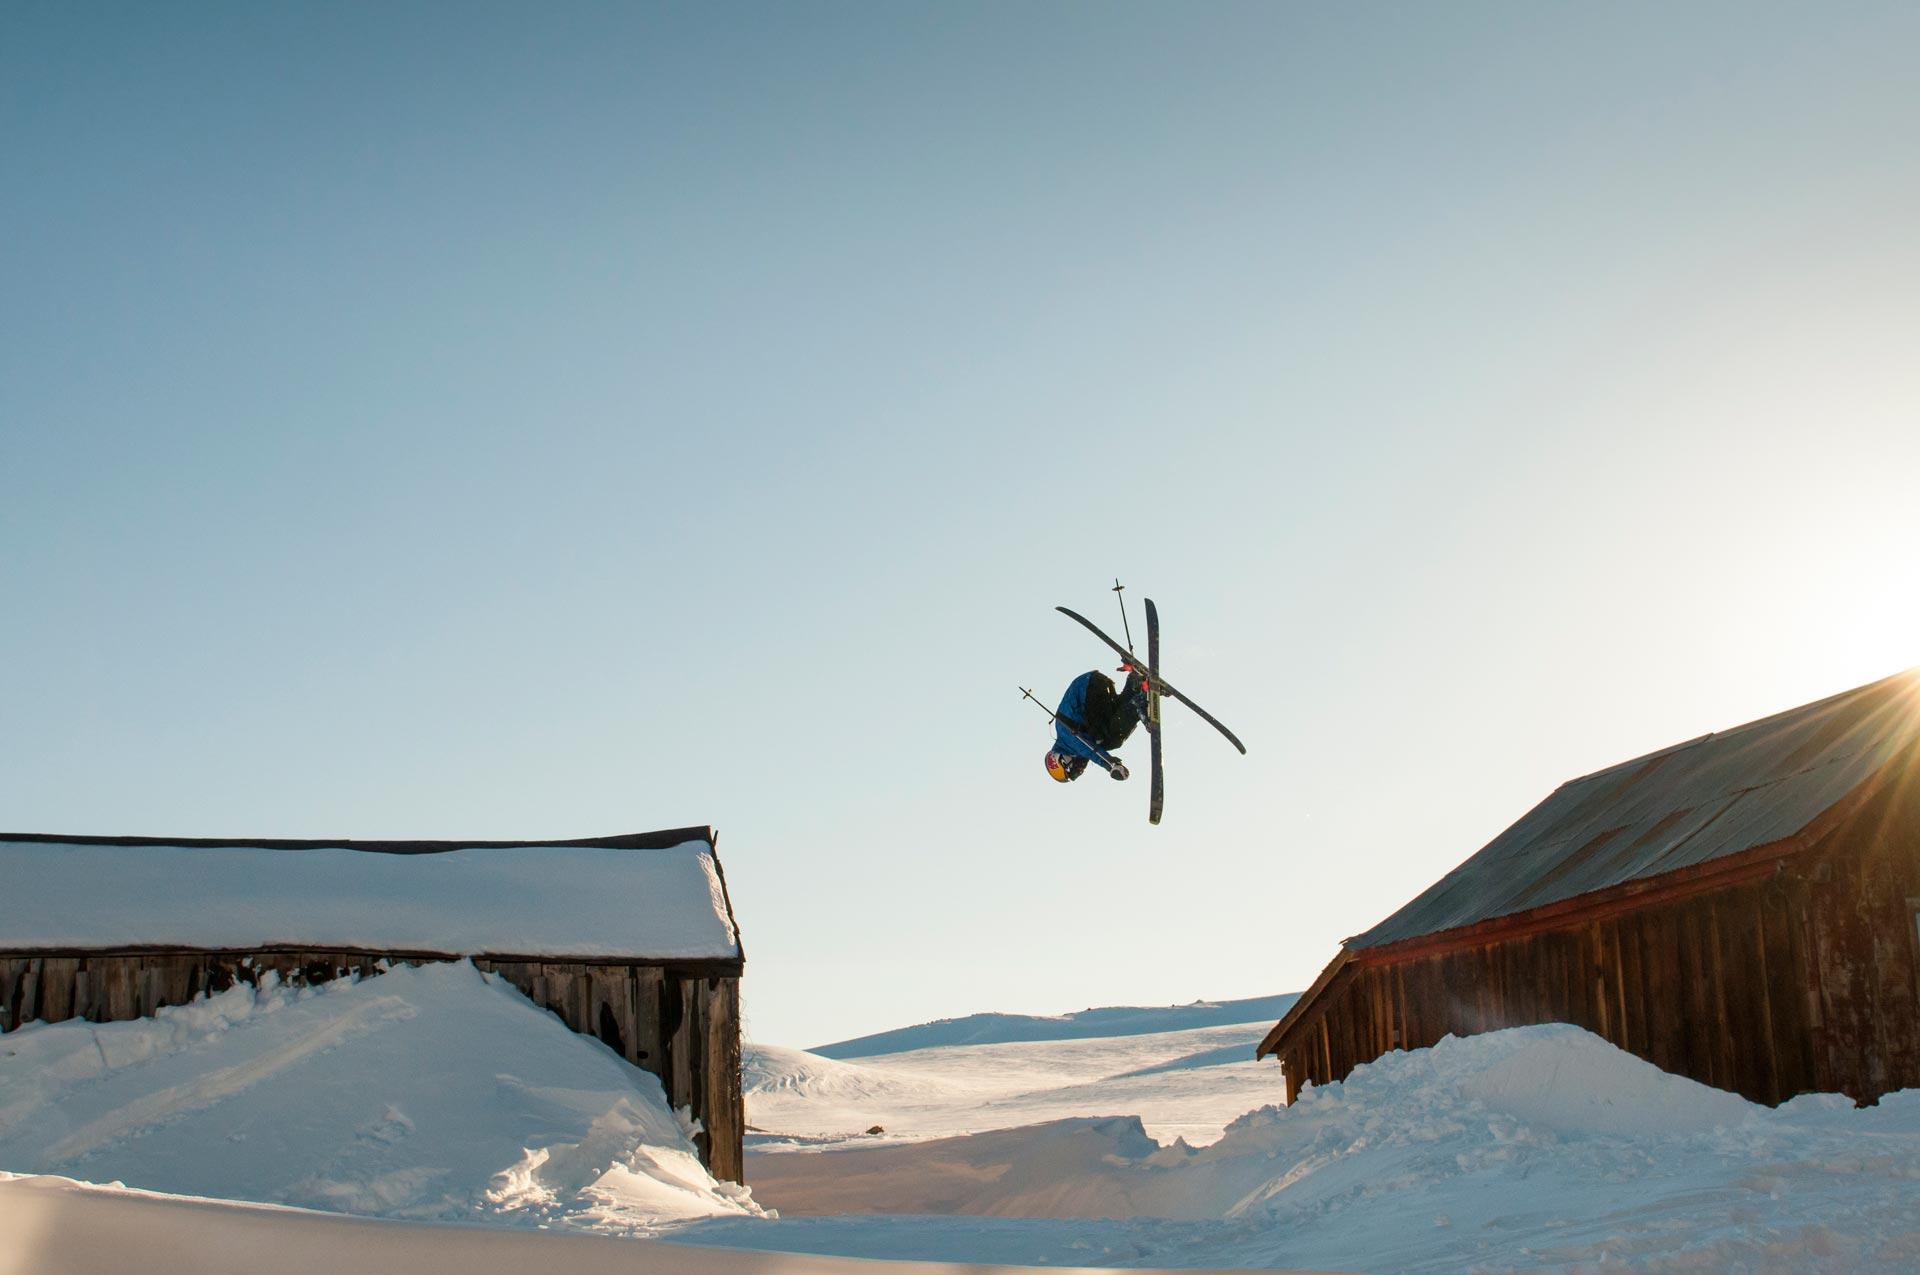 Freeskier Cody LaPlante shreddet Geisterstadt in Kalifornien - Foto: Red Bull Content Pool